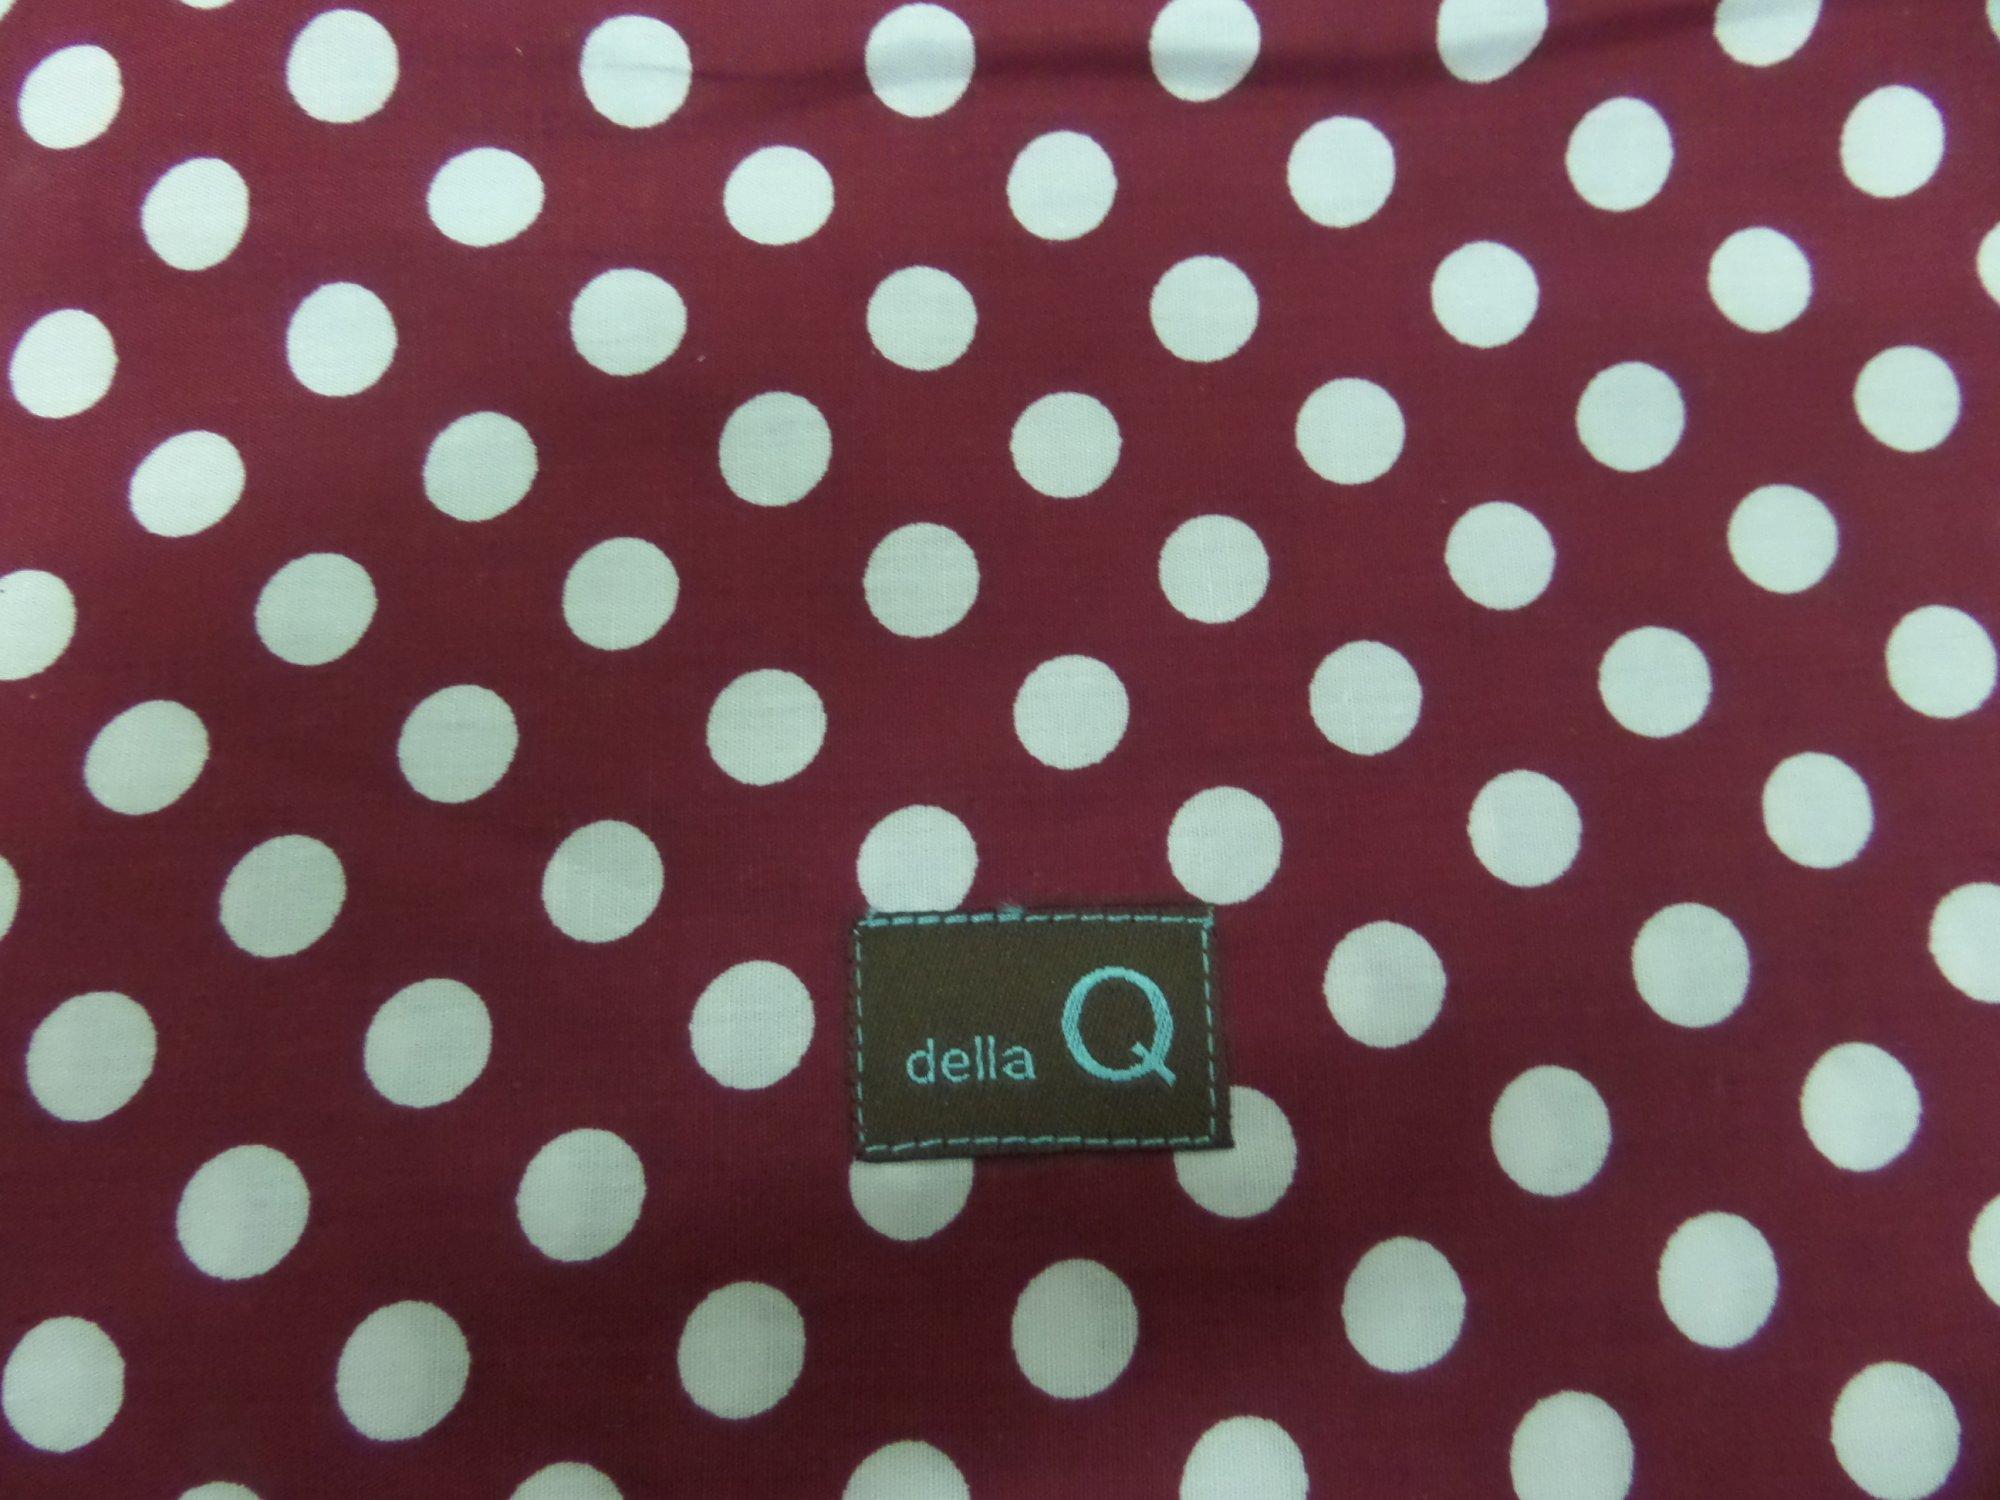 Eden Cotton Pouch-Small  by della Q